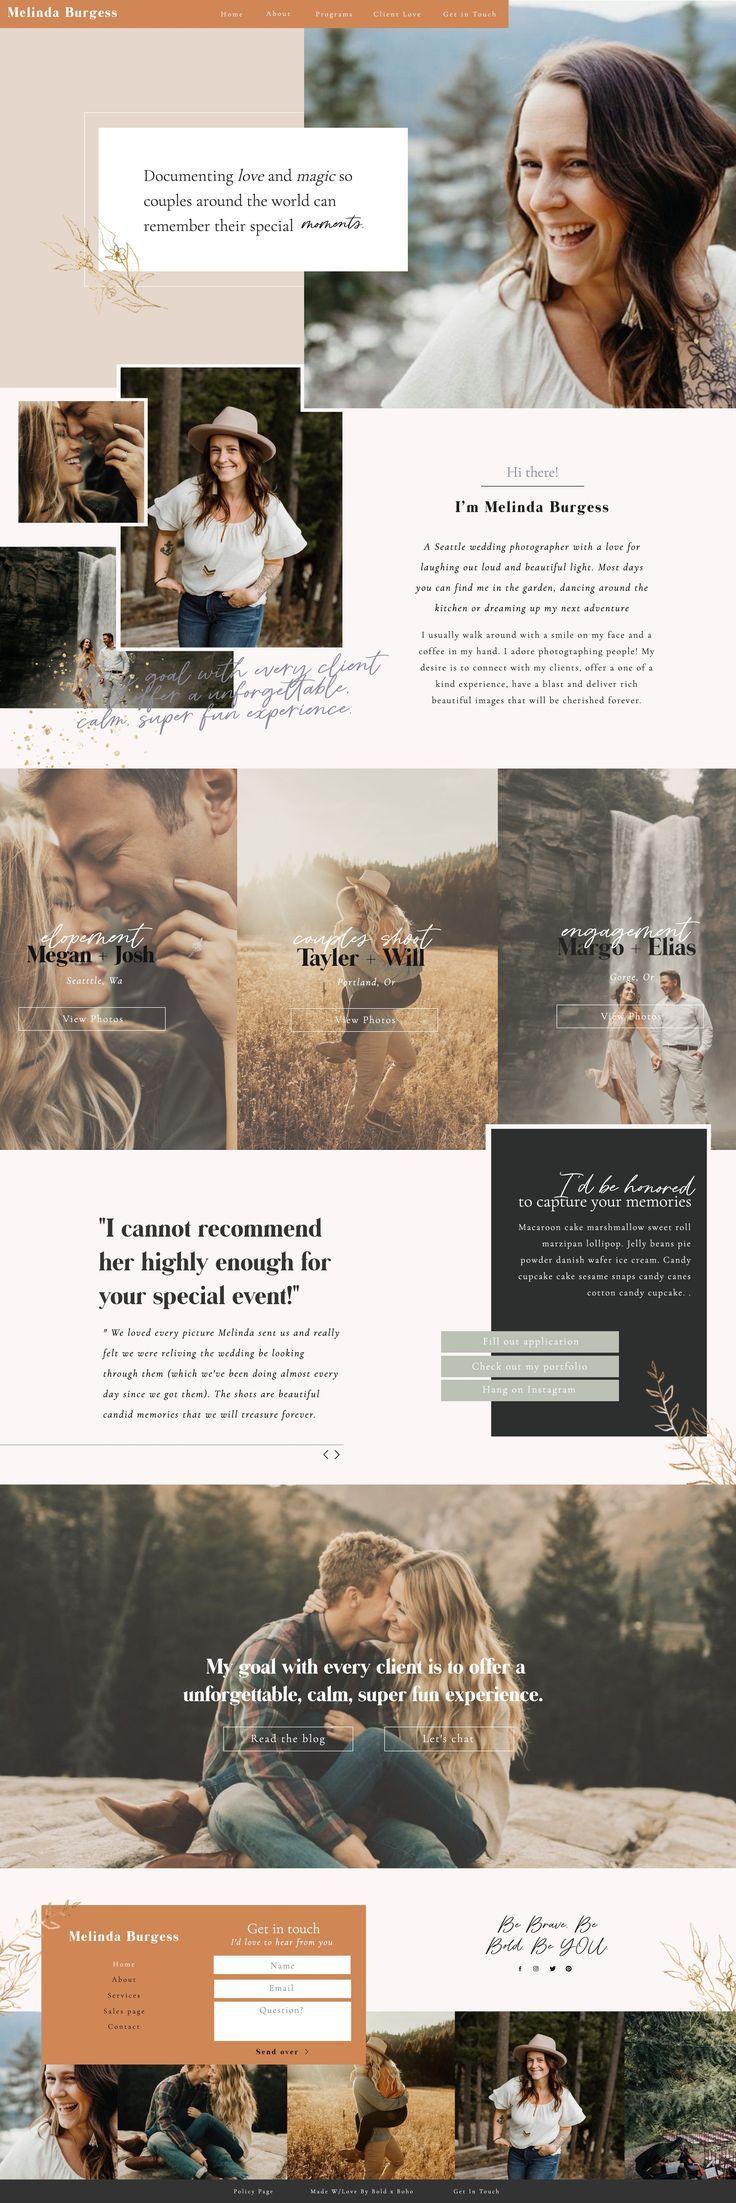 Showit Website Designer Becca Luna, Founder of Bold x Boho